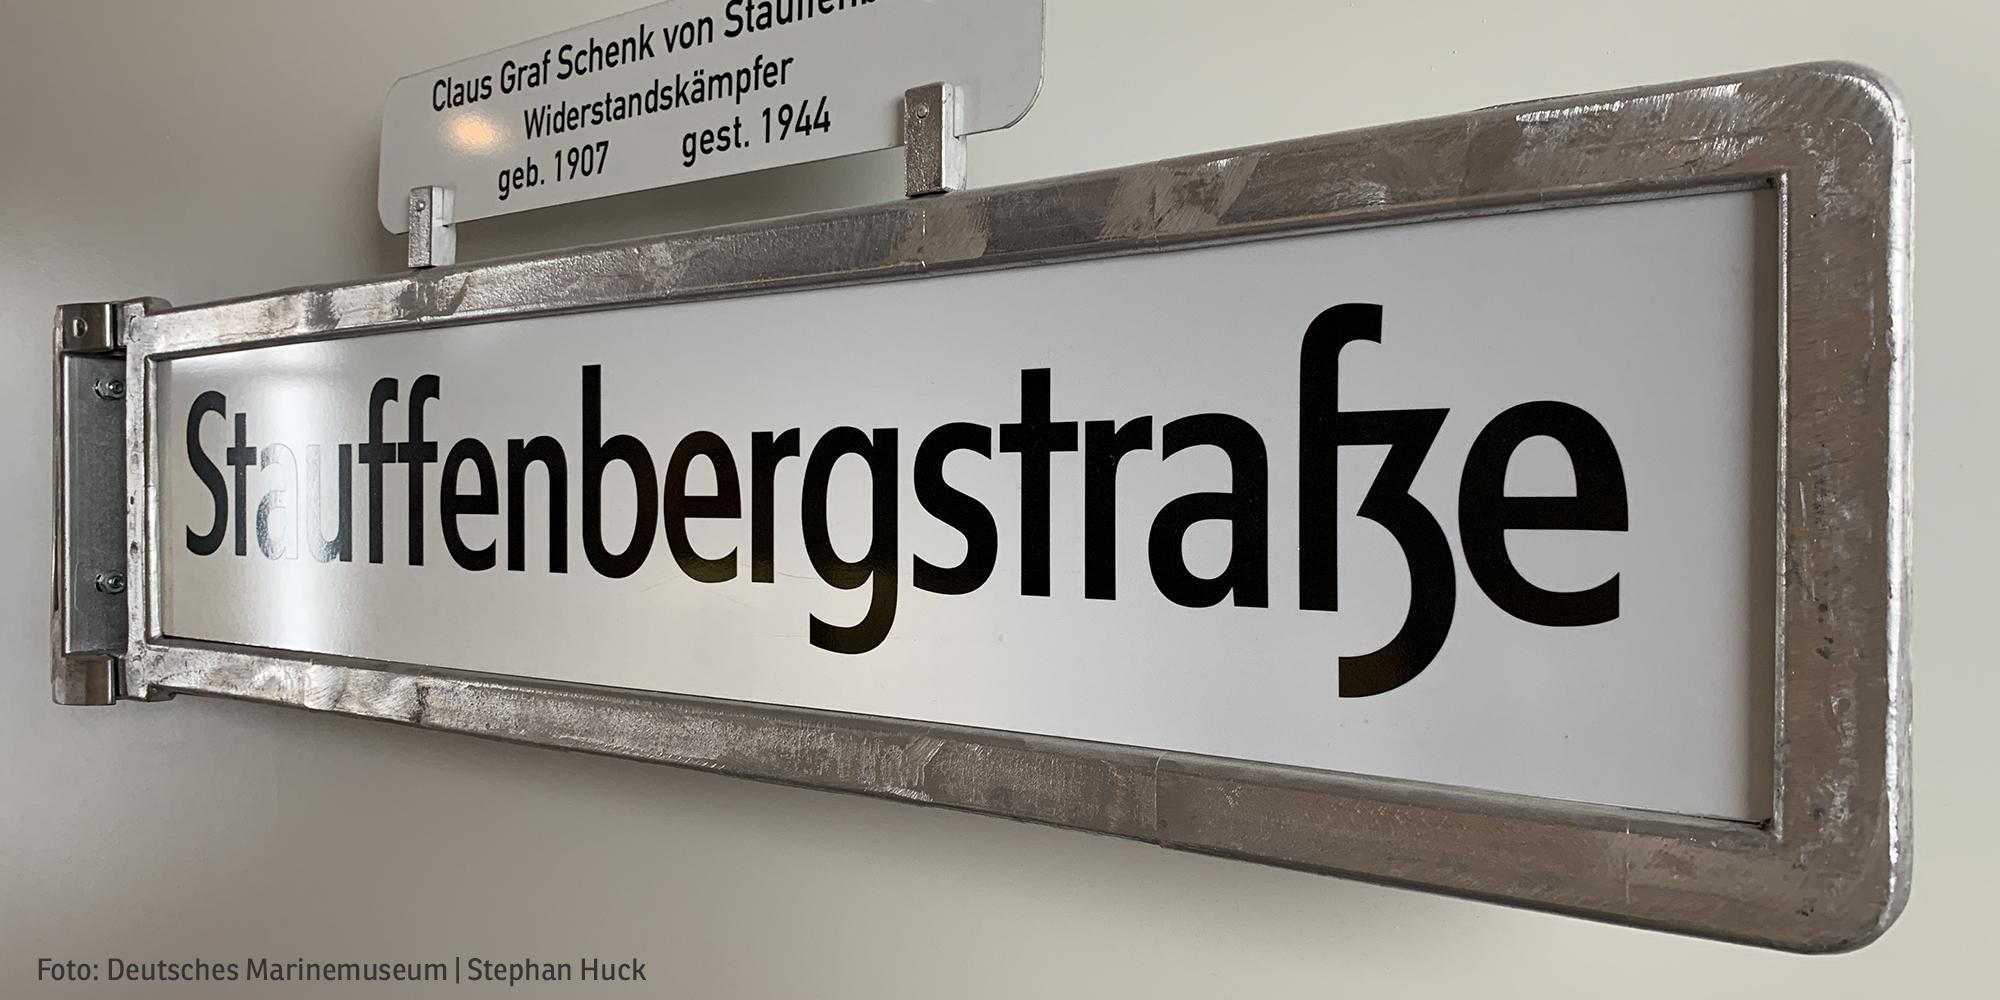 Straßenschild Stauffenbergstraße (Foto: Deutsches Marinemuseum | Stephan Huck)